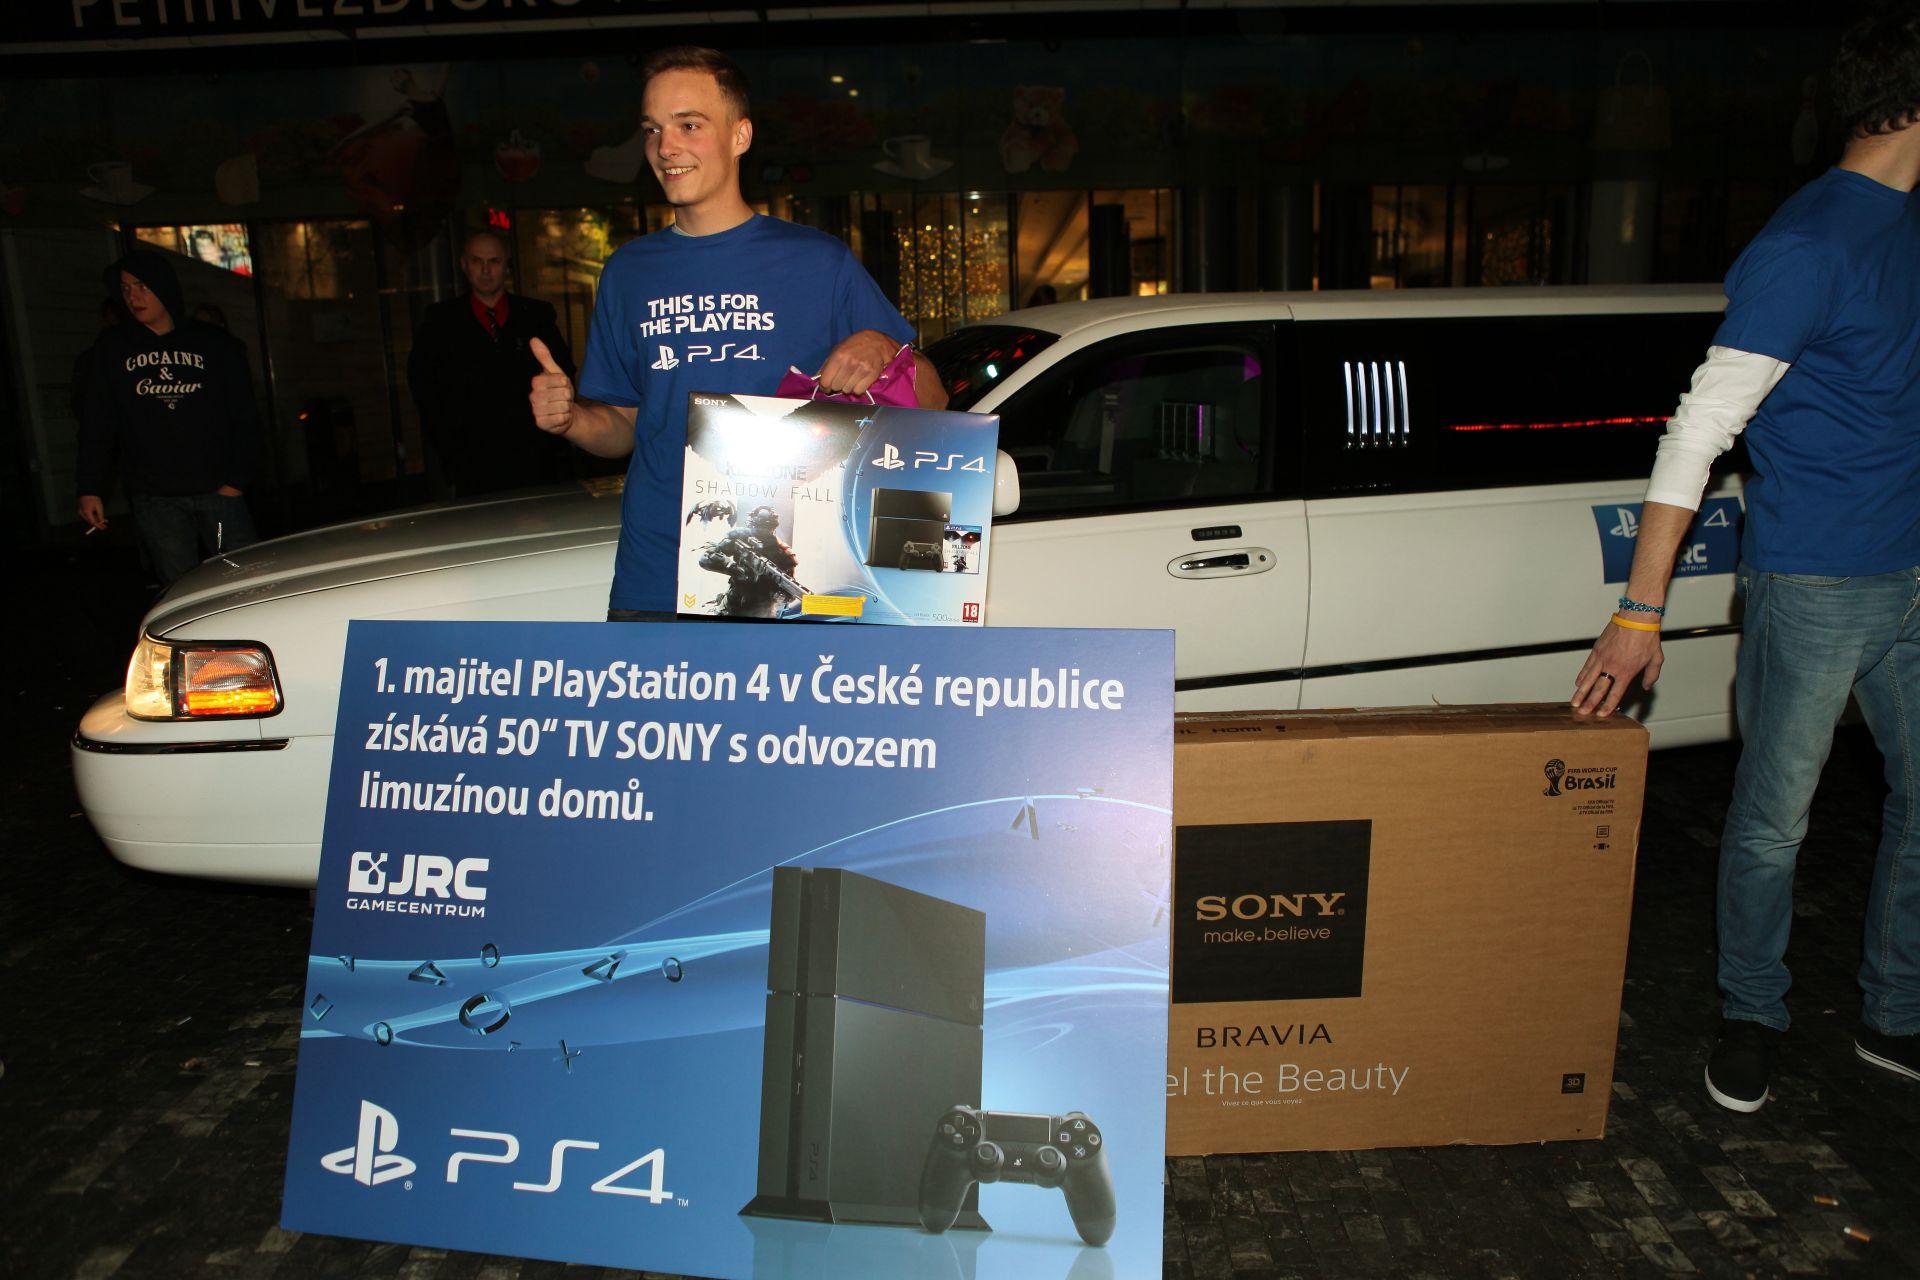 Fotky z půlnočního prodeje PS4 v Praze a Bratislavě 90909